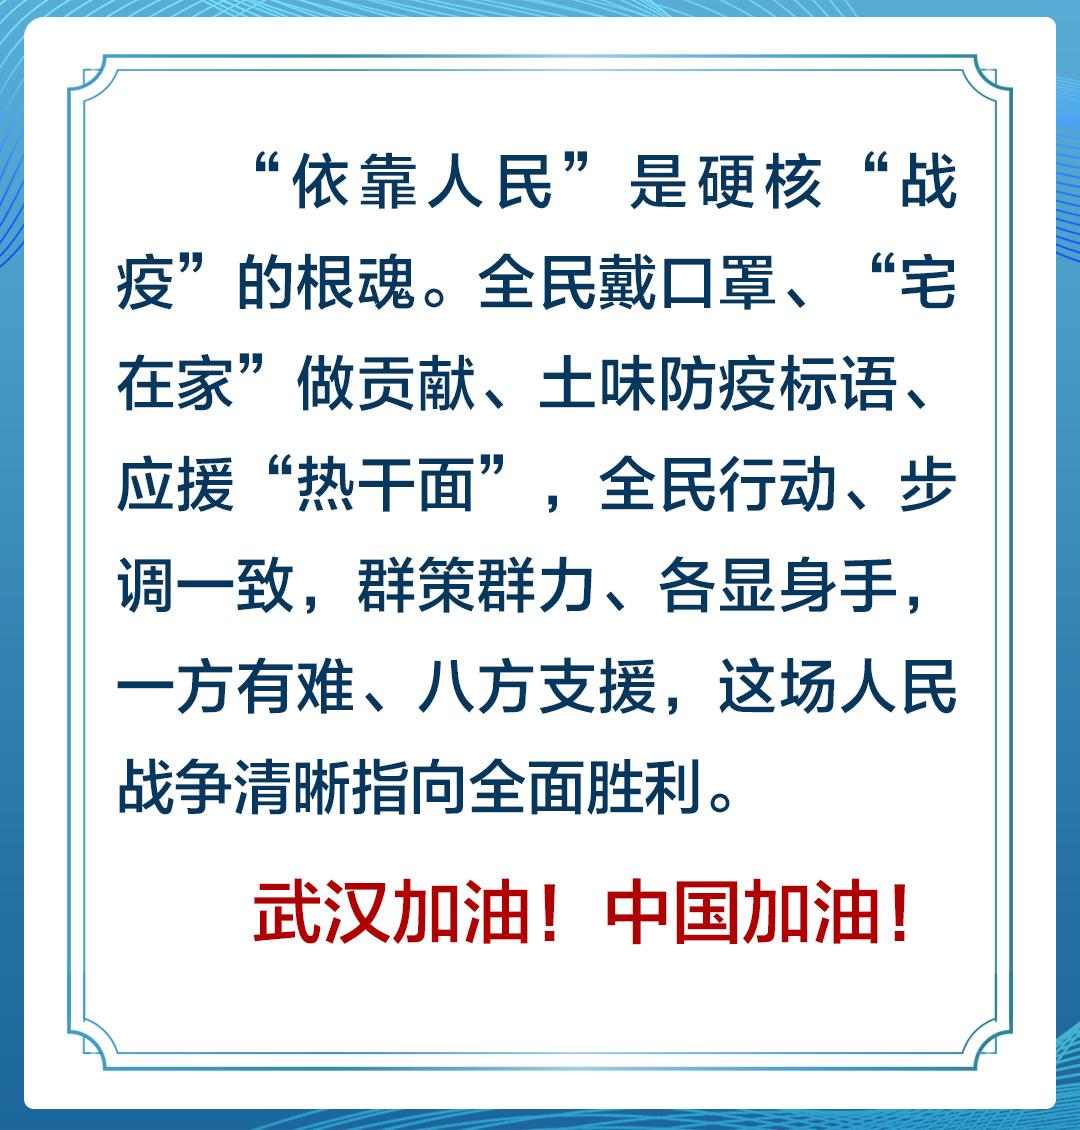 http://www.jinanjianbanzhewan.com/youxiyule/35069.html